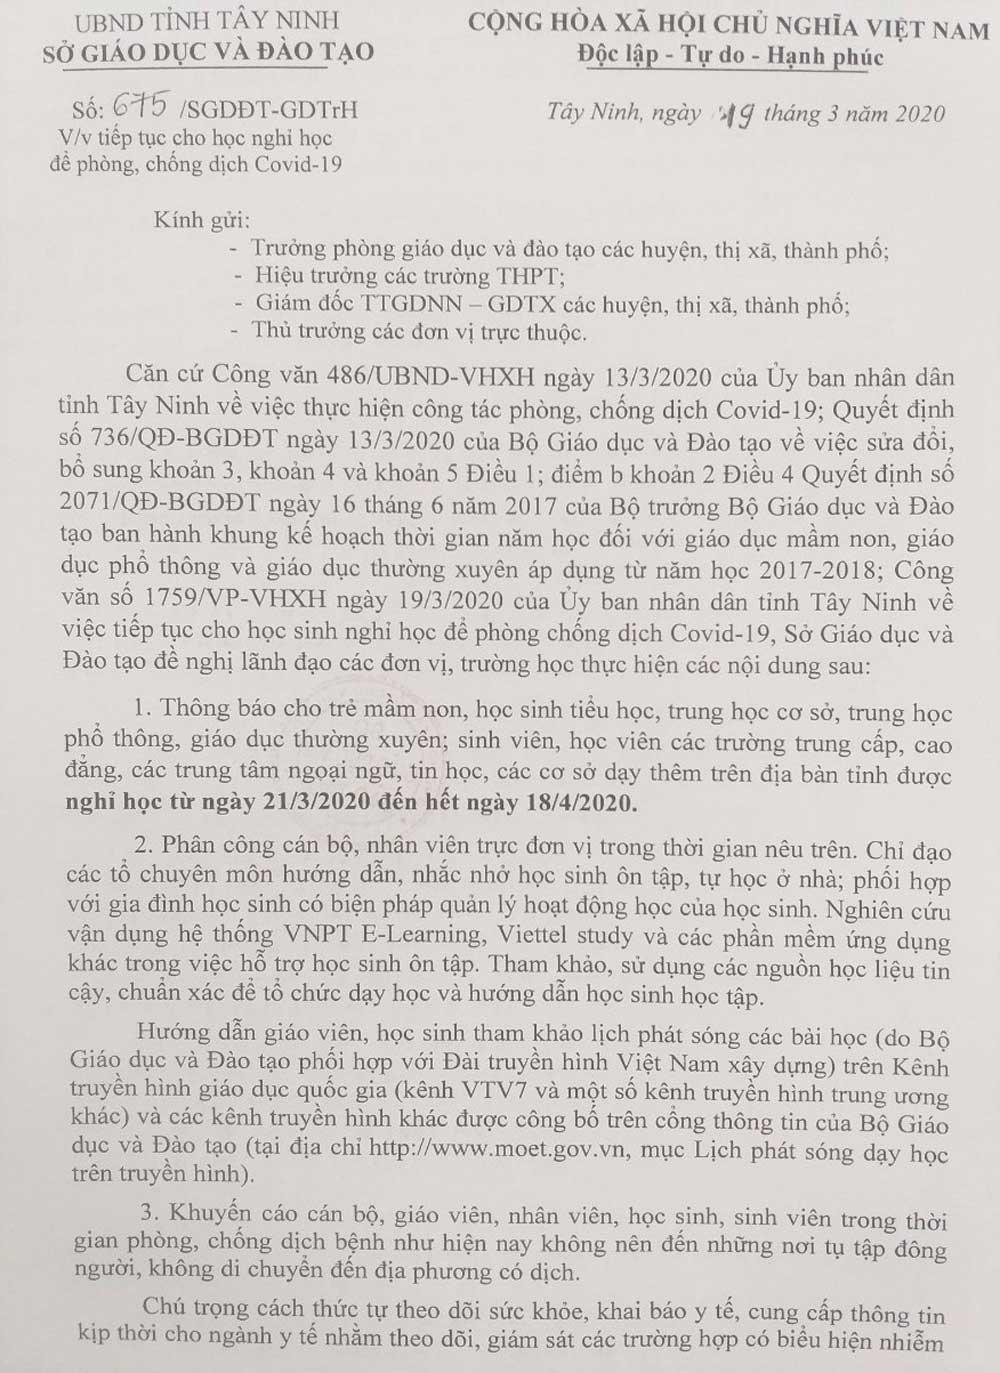 Địa phương đầu tiên, học sinh, nghỉ học tới ngày 18/4, tránh dịch Covid-19, tỉnh Tây Ninh